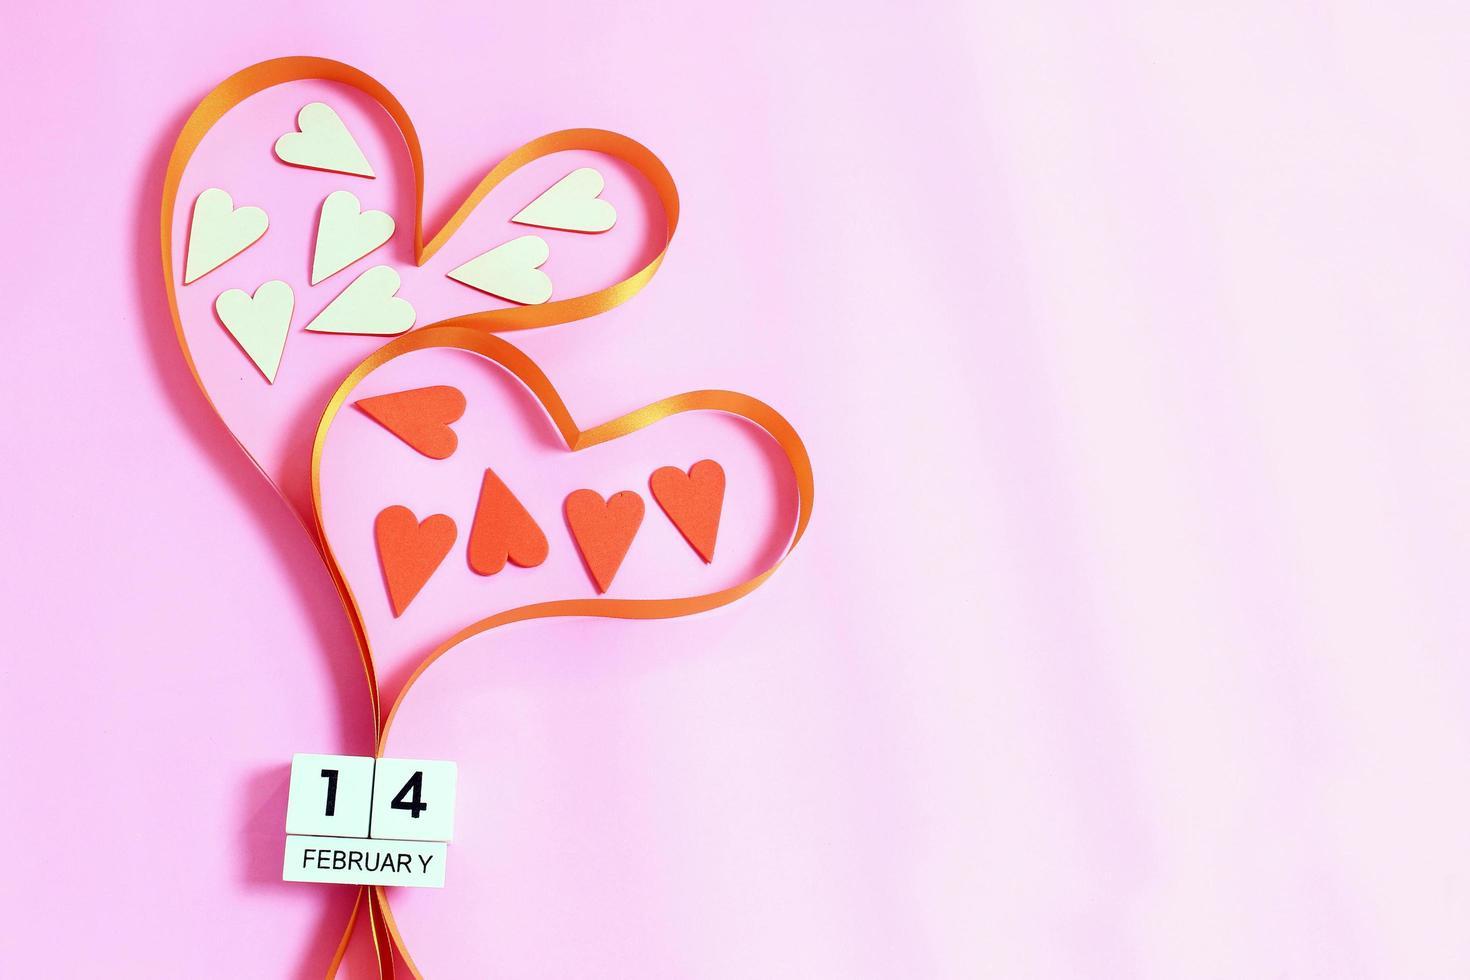 coeurs de ruban pour la saint valentin photo